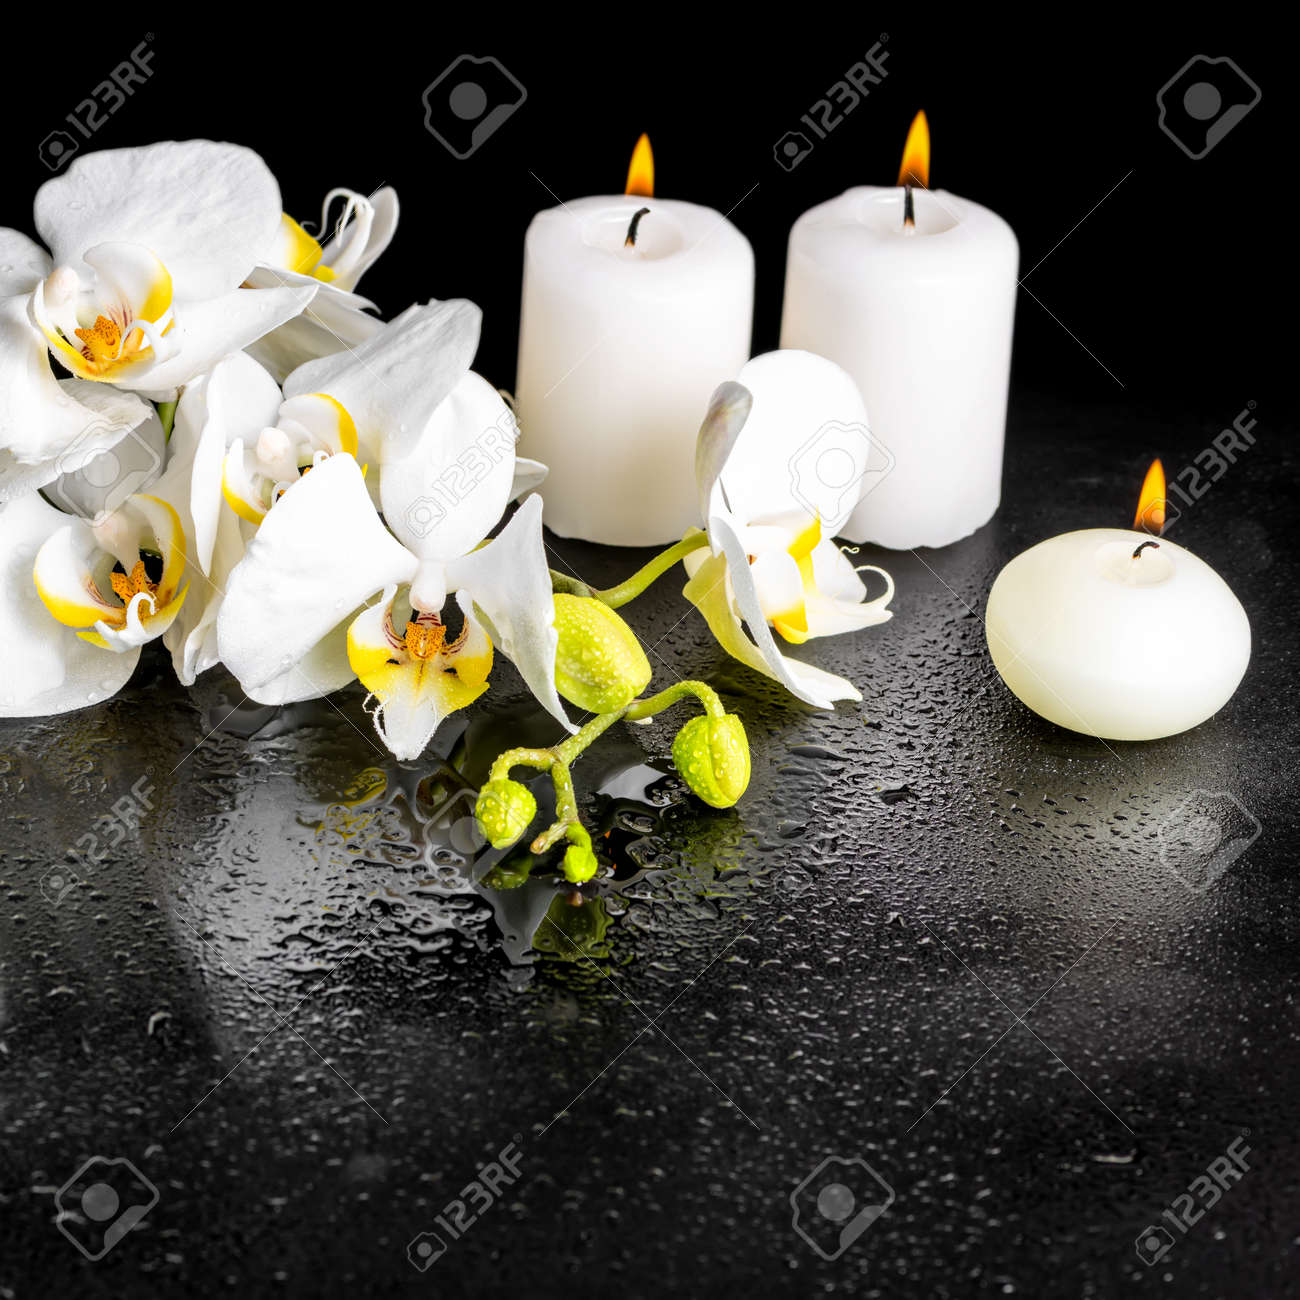 Beau Concept Thermale De Floraison Blanche Fleur D Orchidee